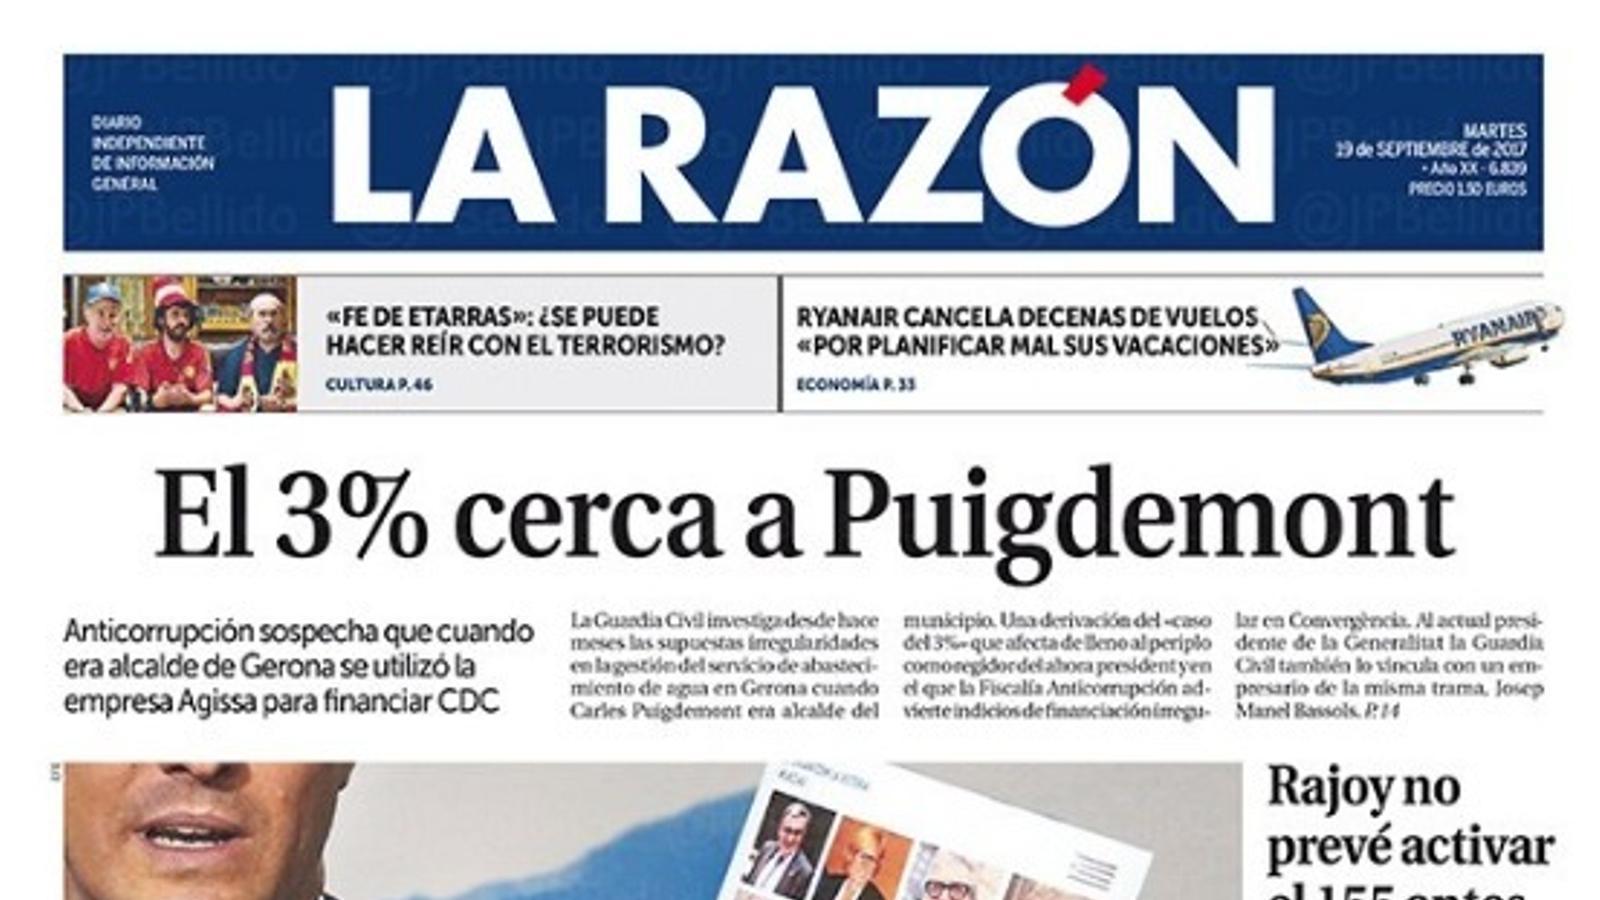 'La Razón' regala 36.000 milions a la República Catalana